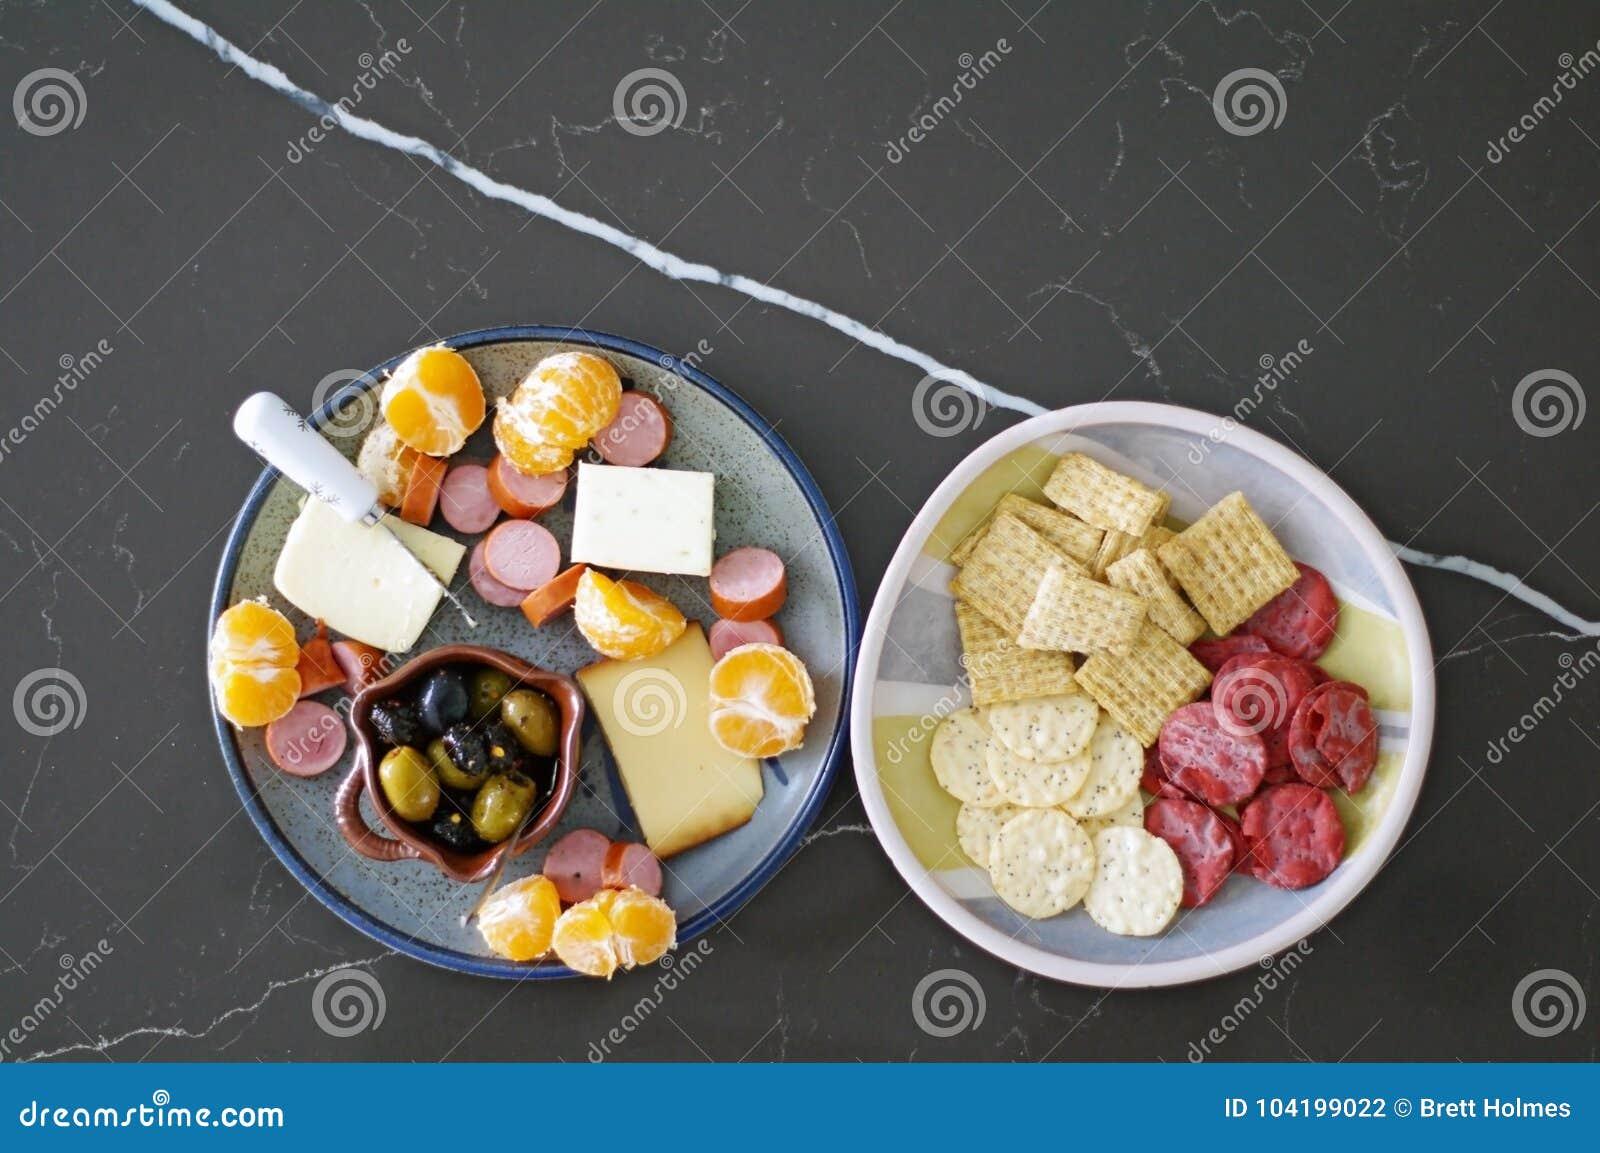 Sezonowy zakąska półmisek z oliwkami, serem, mięsem i pomarańczami,